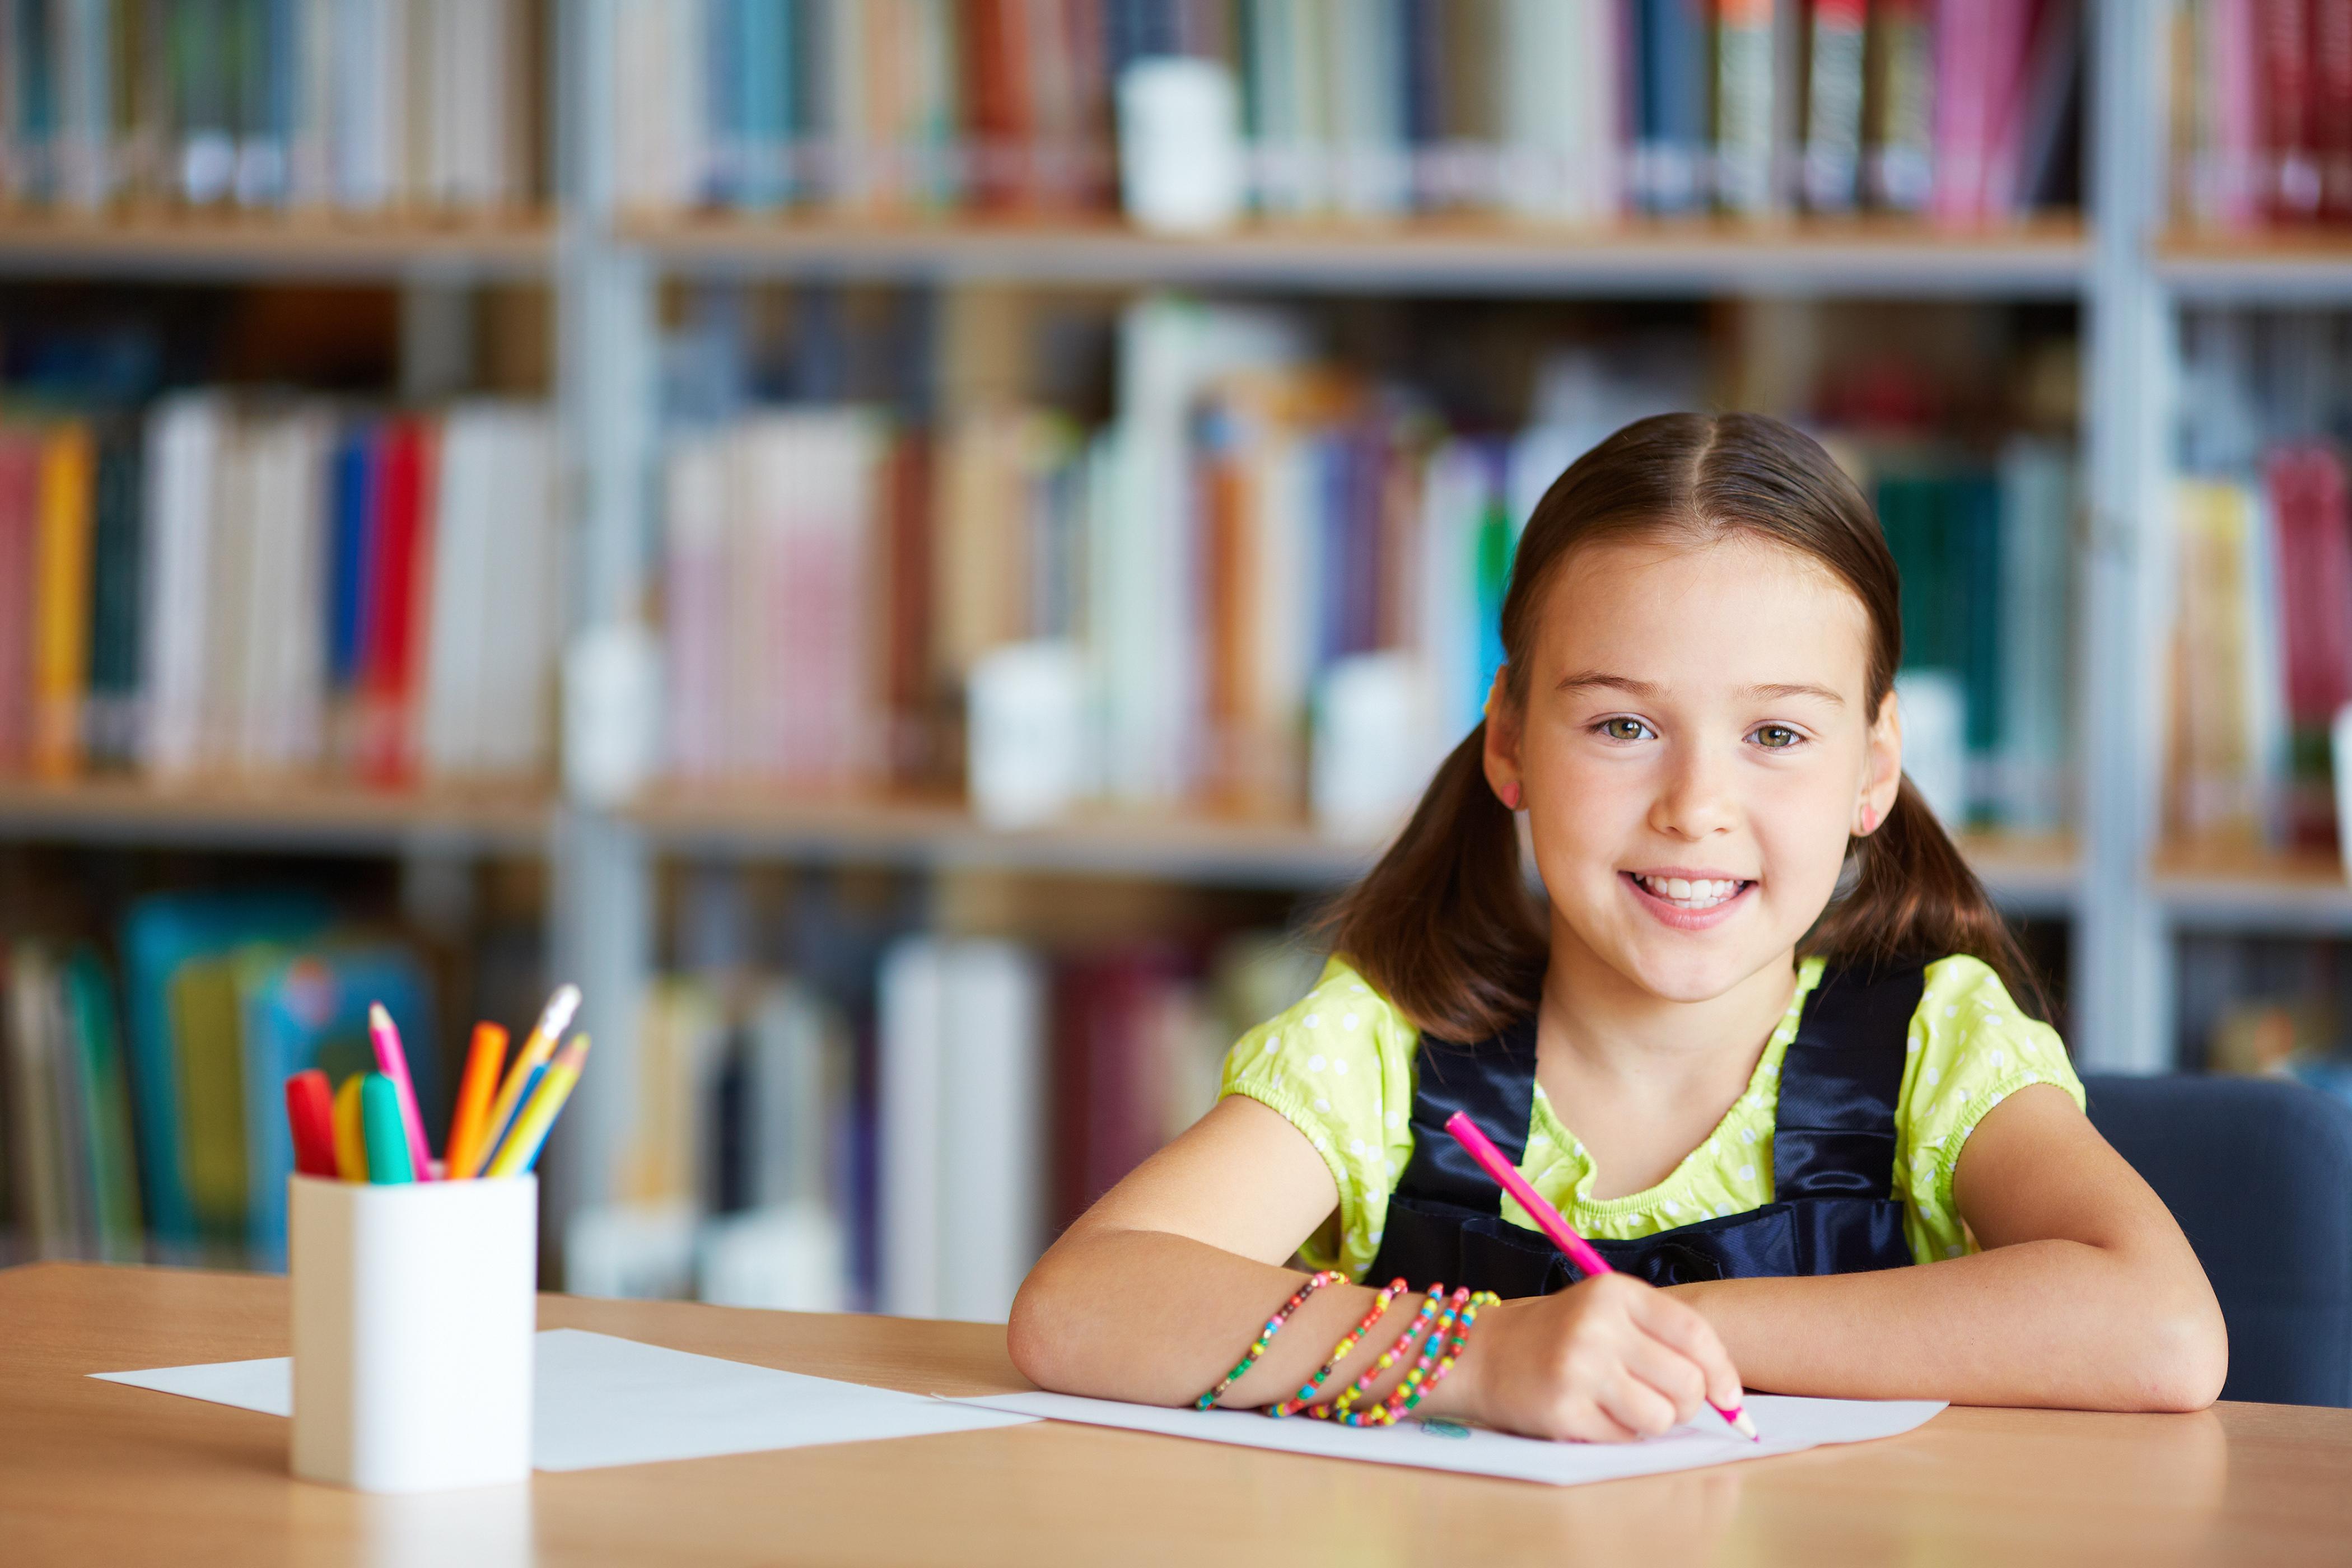 Lovely schoolgirl